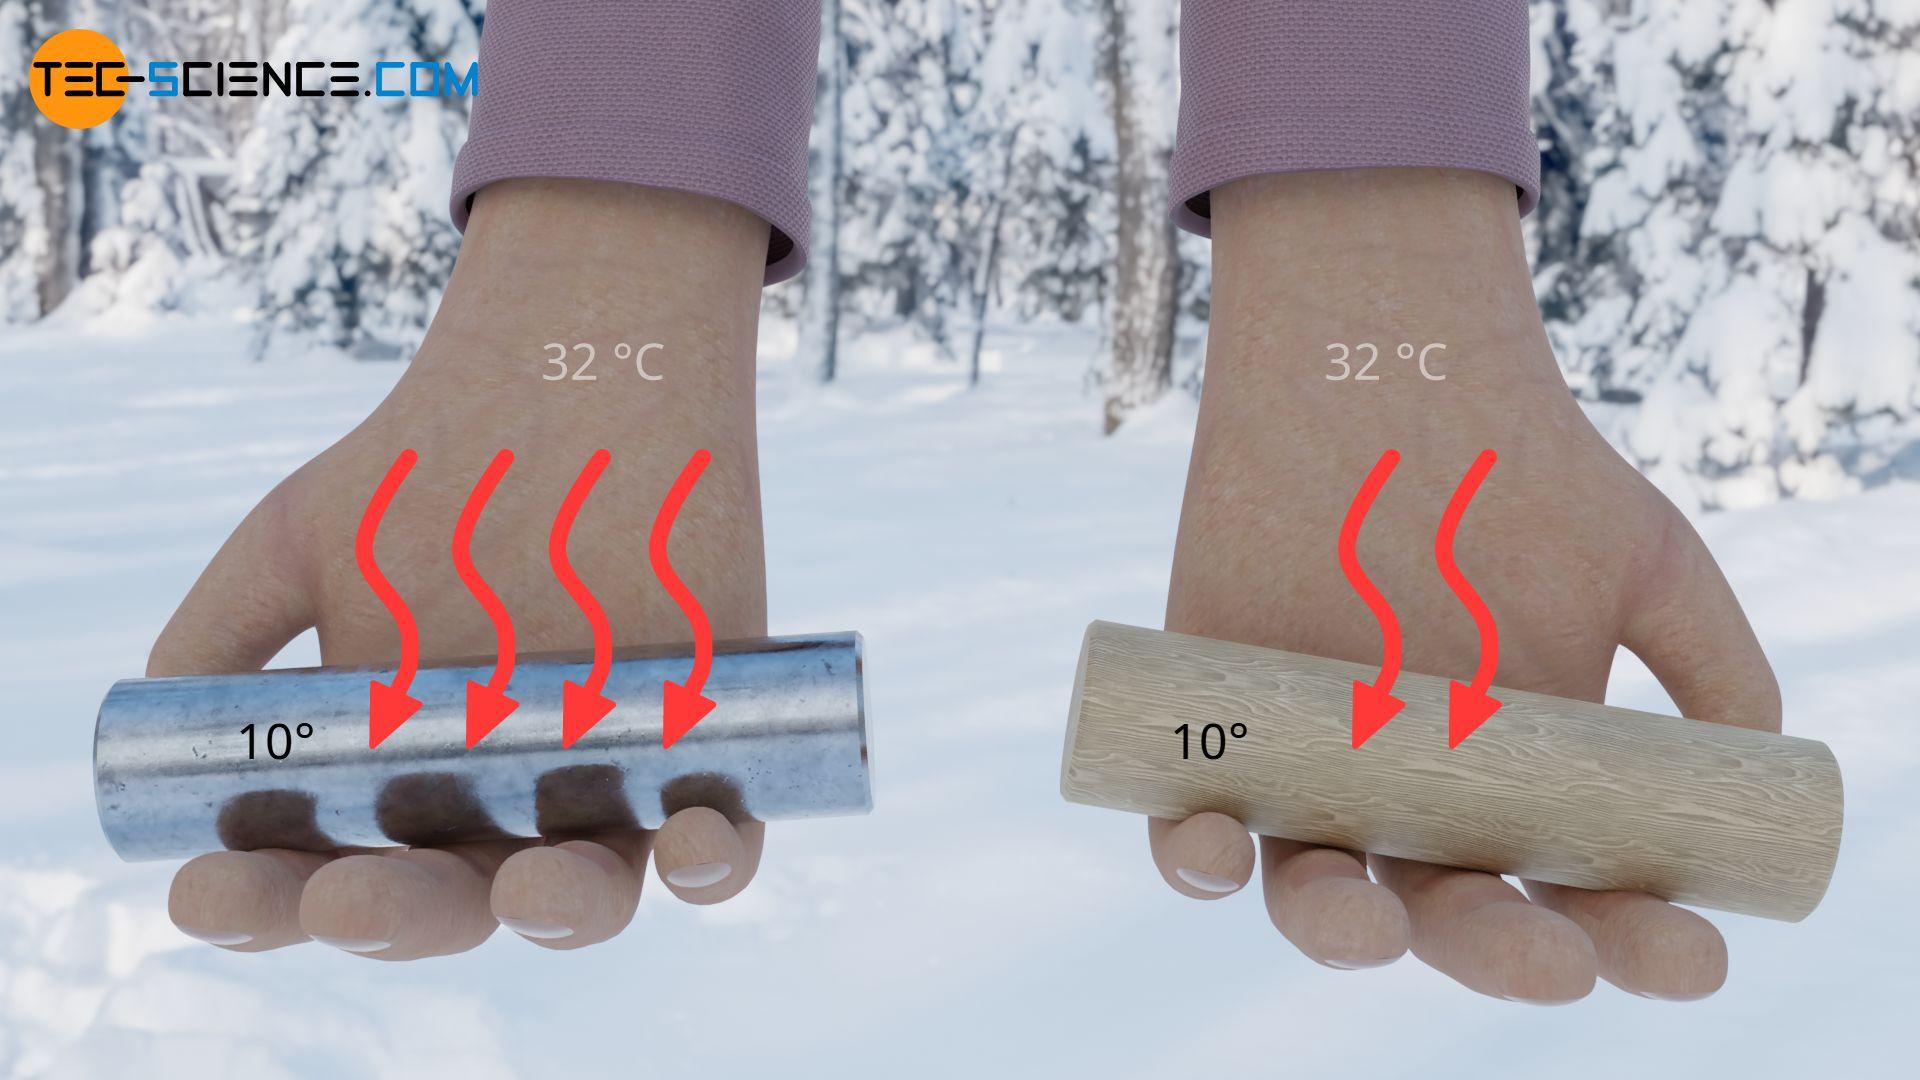 Unterschiedliches Empfinden für Kälte aufgrund unterschiedlich starker Wärmeströme